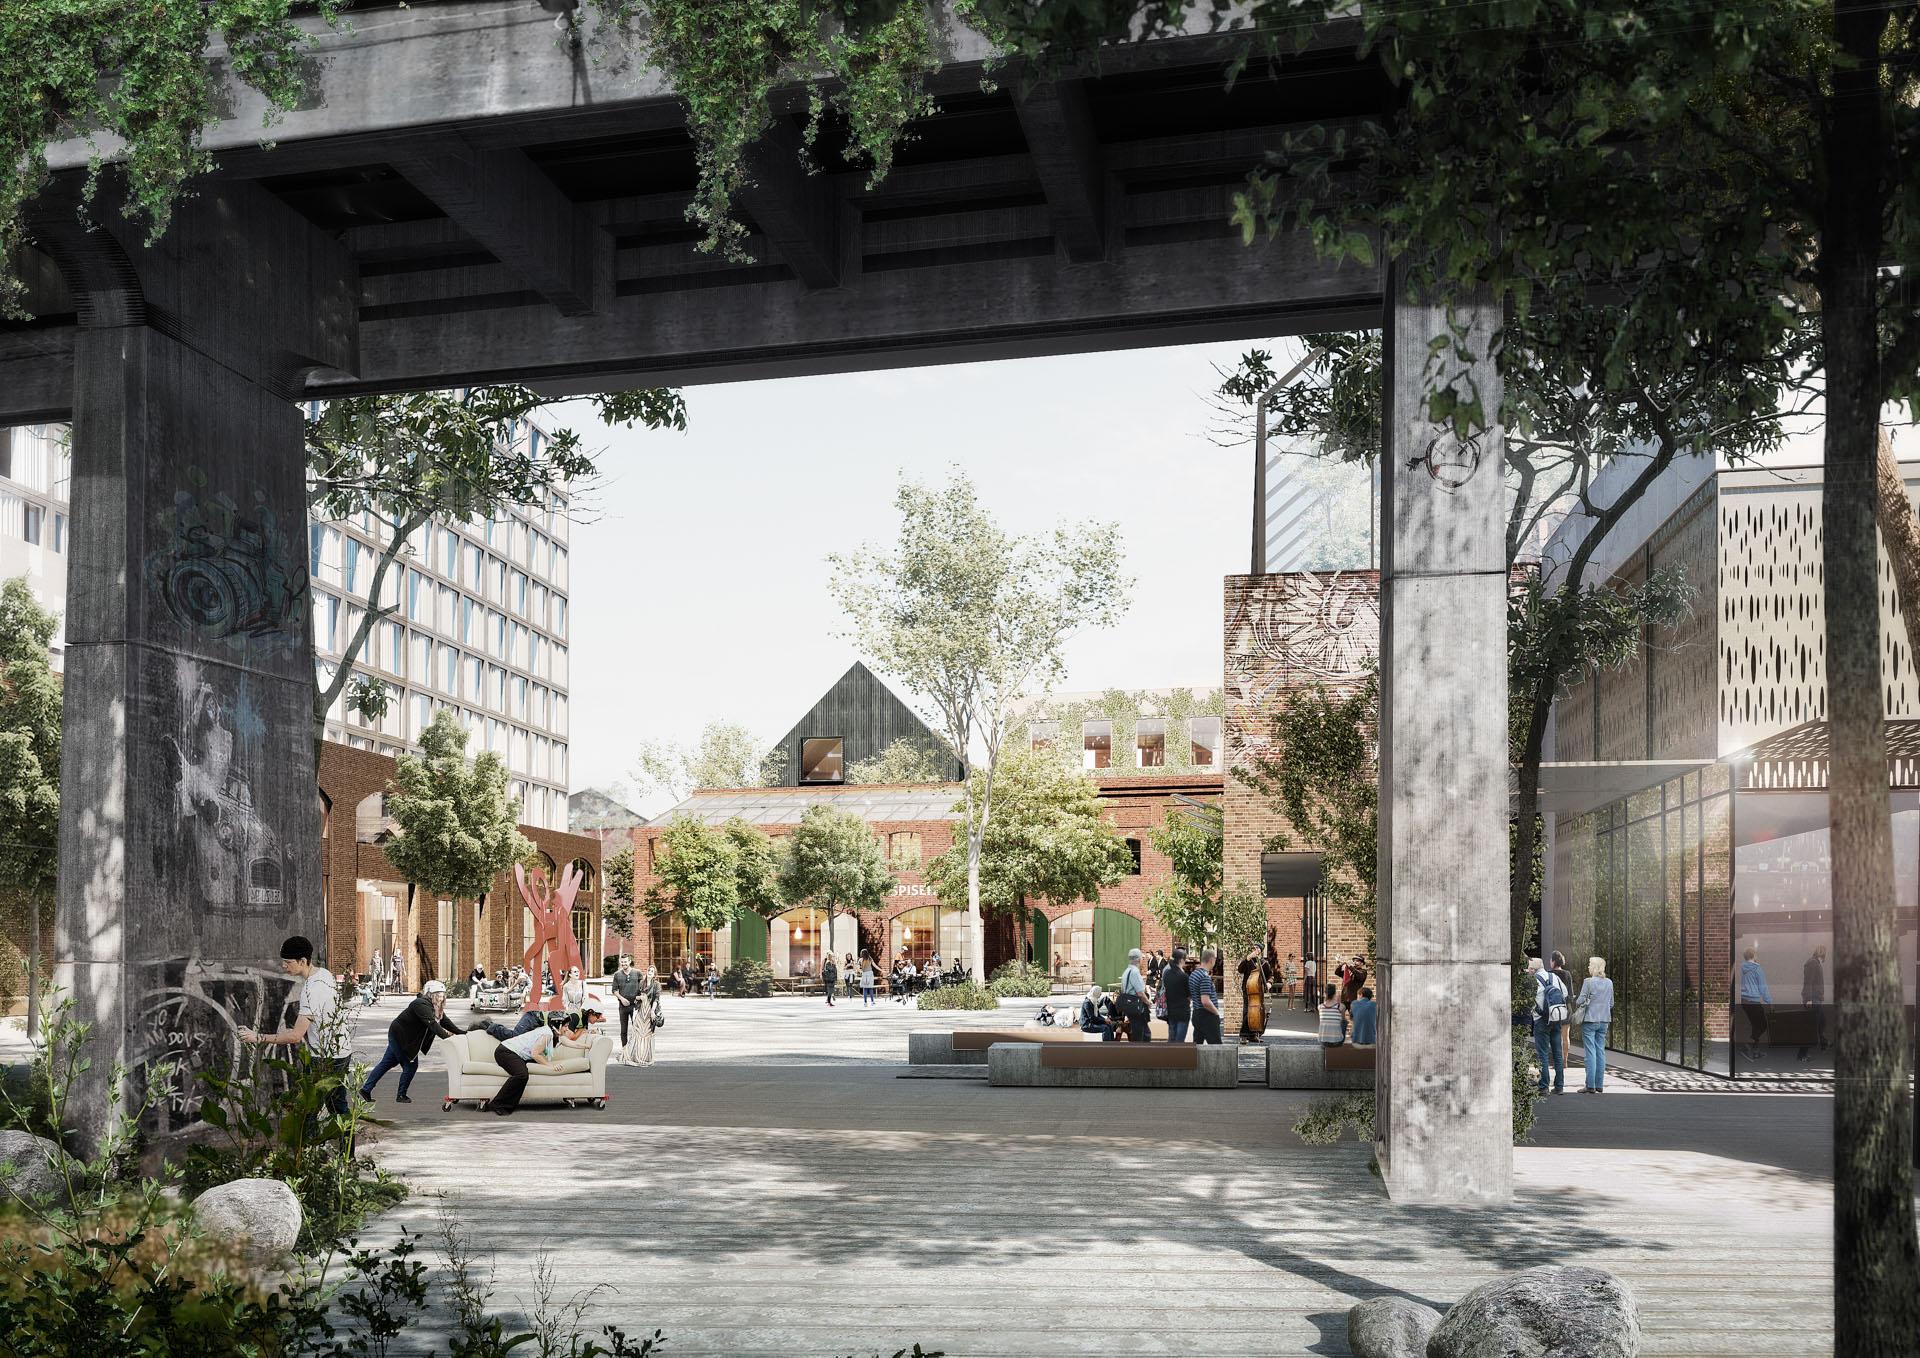 Et godt bud: Bydelsplan for Sydhavnskvarteret er en helt ny måde at tænke byudvikling på